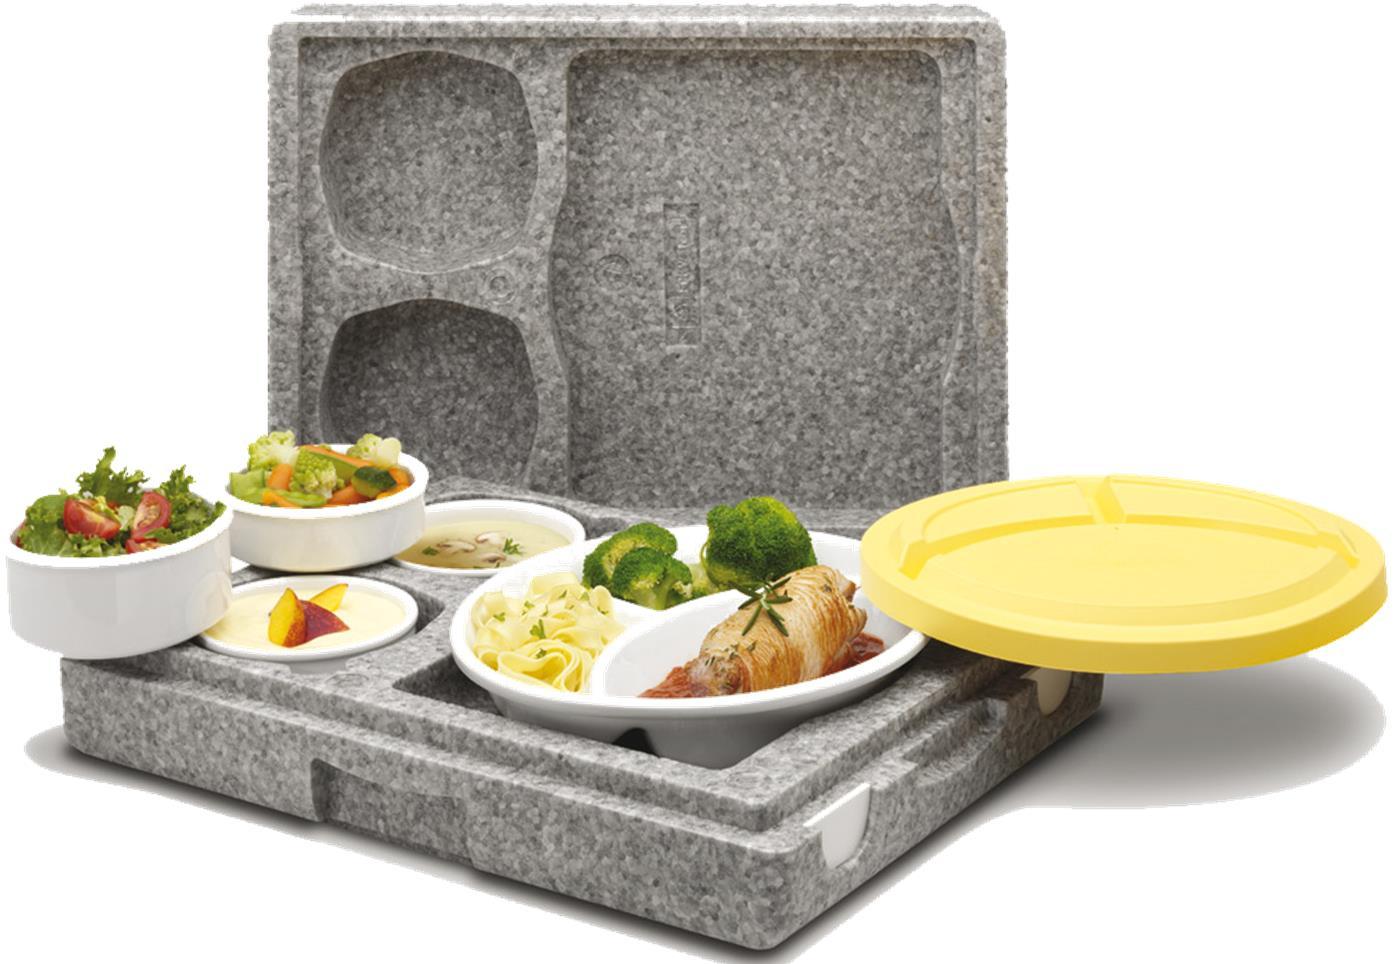 Mahlzeitendienst